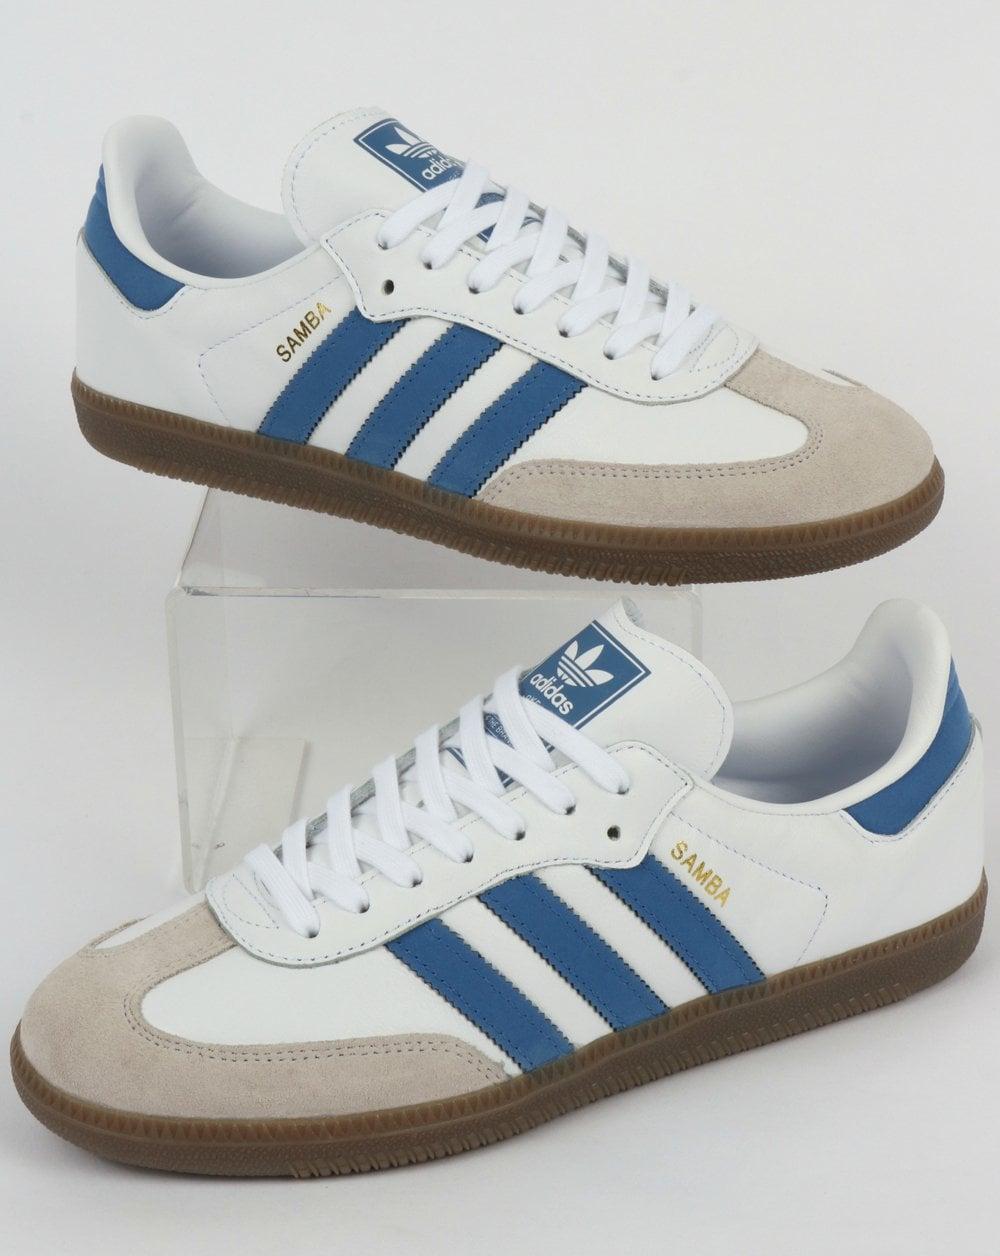 Adidas Samba OG Trainers WhiteRoyal